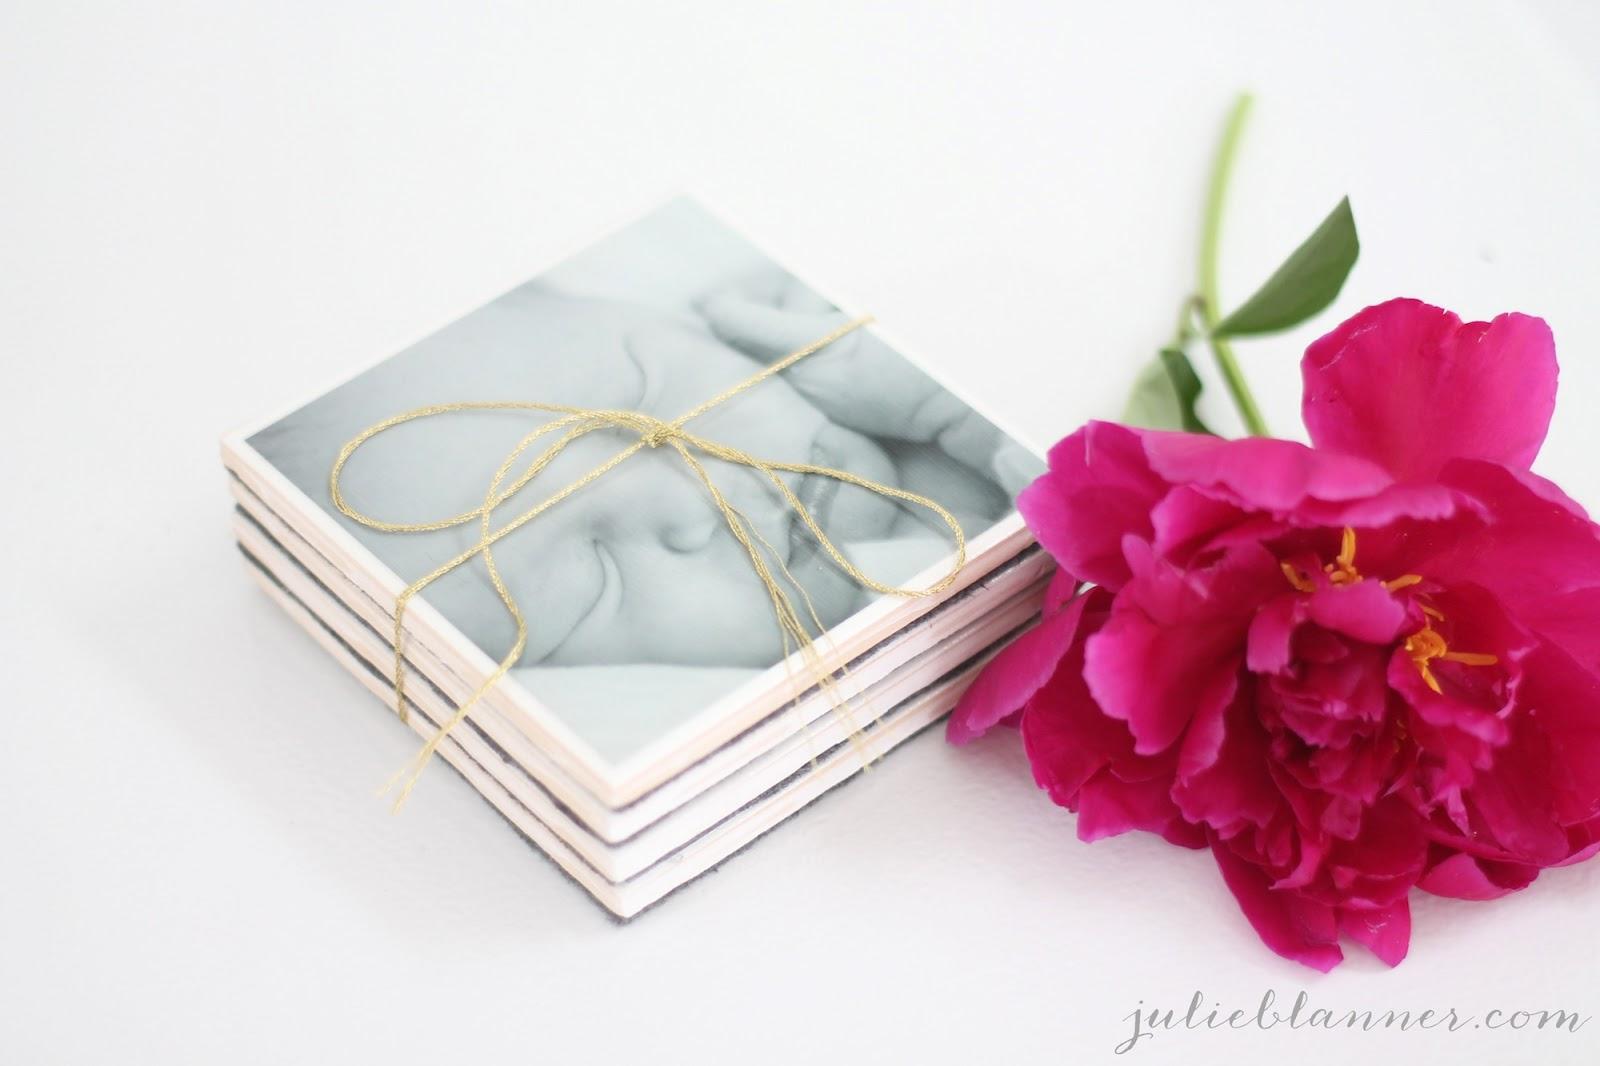 DIY Photo Coasters - Julie Blanner